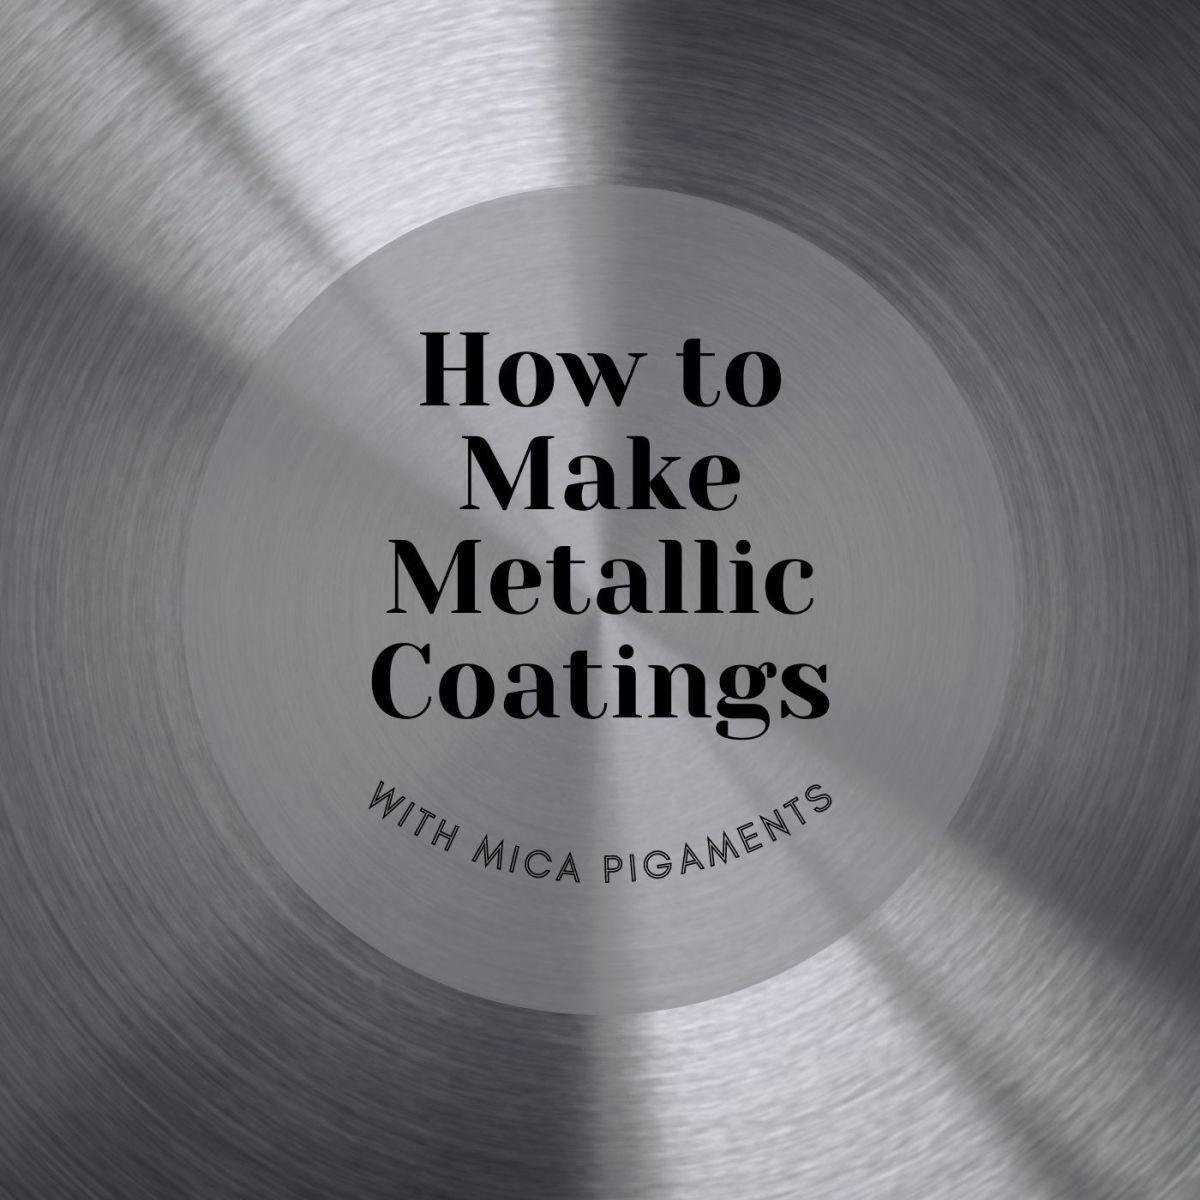 Need a metallic coating? No worries!